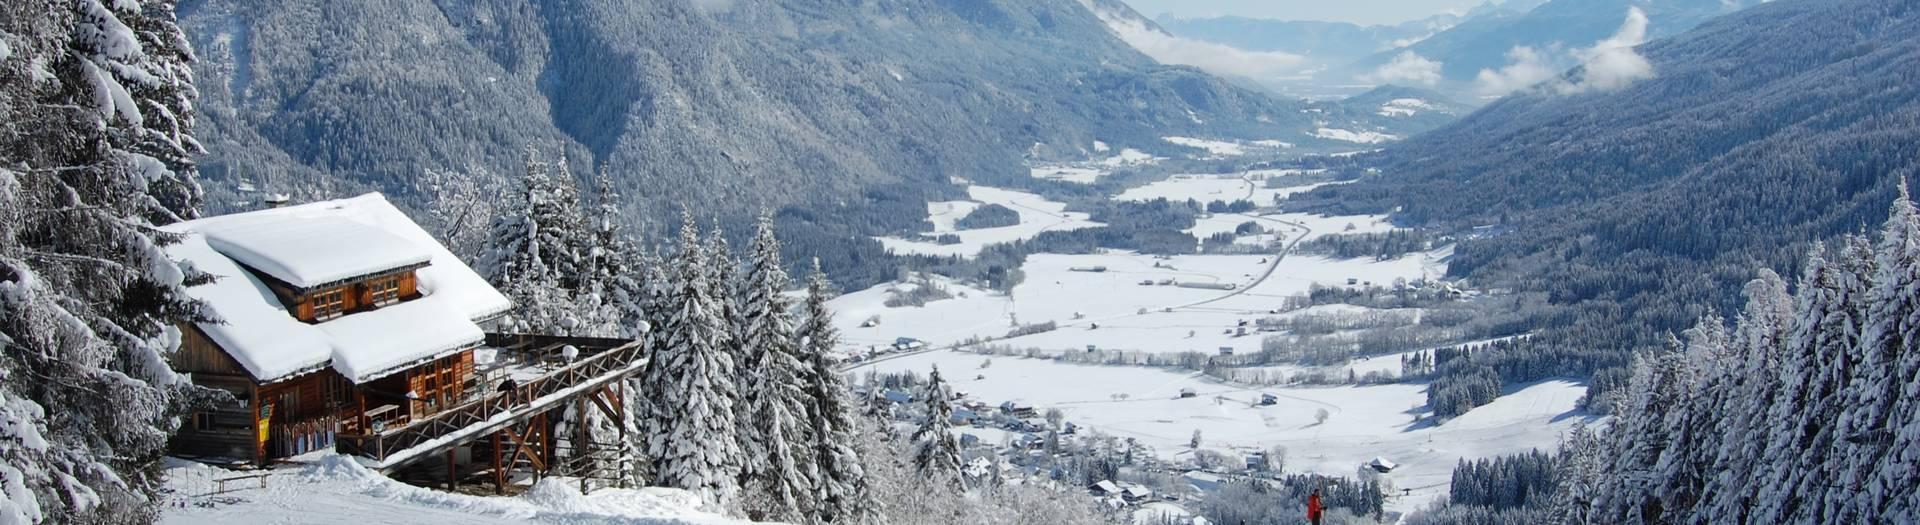 Familienskigebiet Weissbriach Ski for free